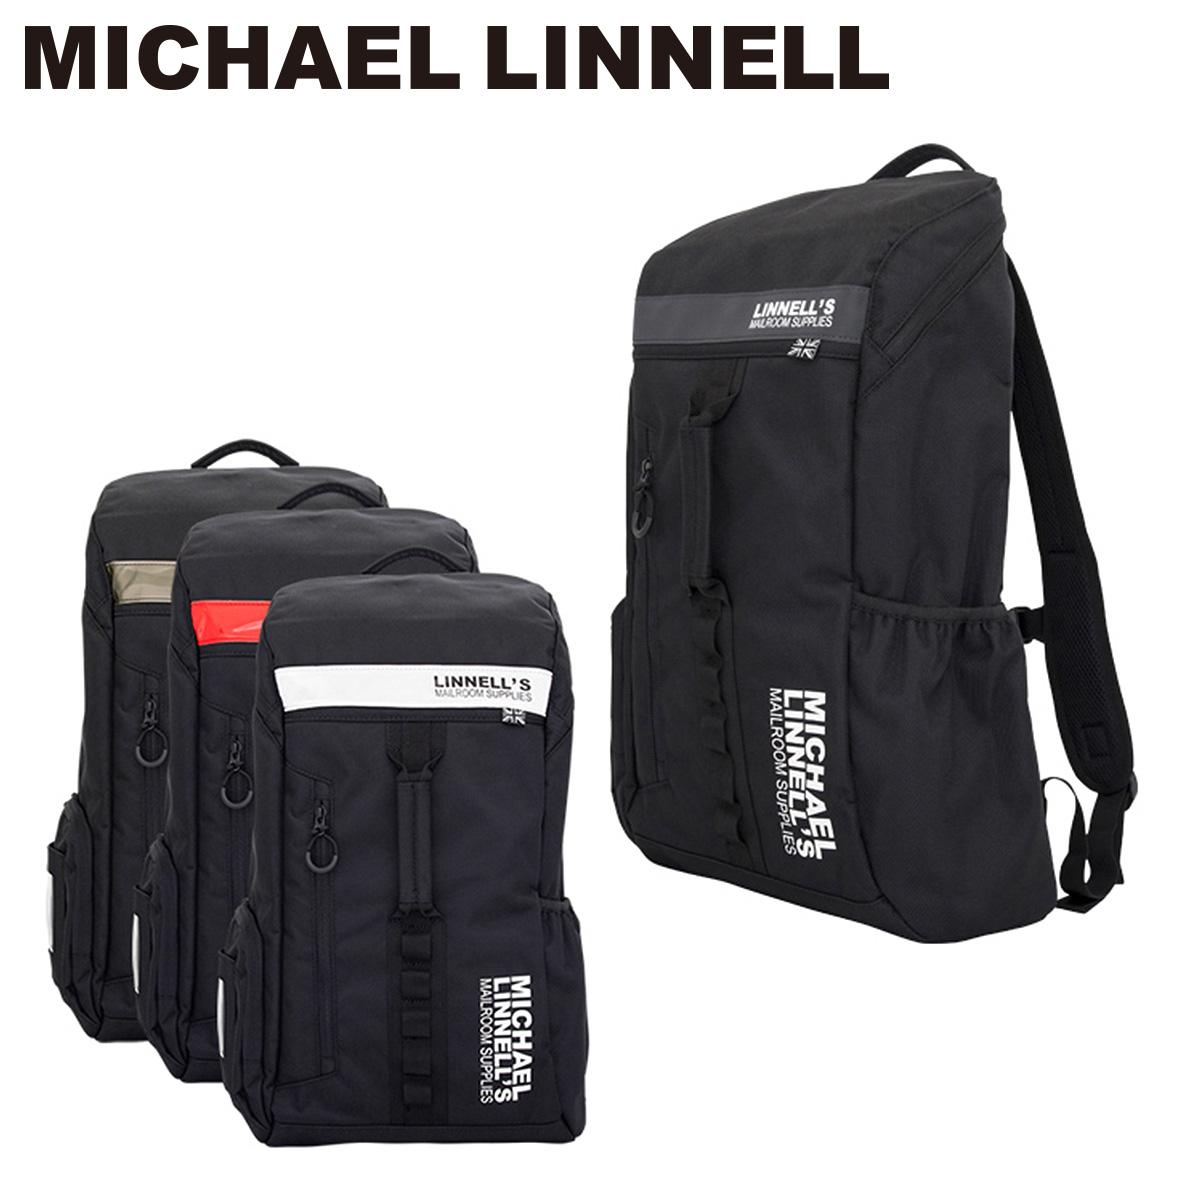 マイケルリンネル MICHAEL LINNELL リュック ML-012 【 リュック リフレクター 1680デニールの丈夫なポリエステル バックジップ 大容量26L 】【bef】